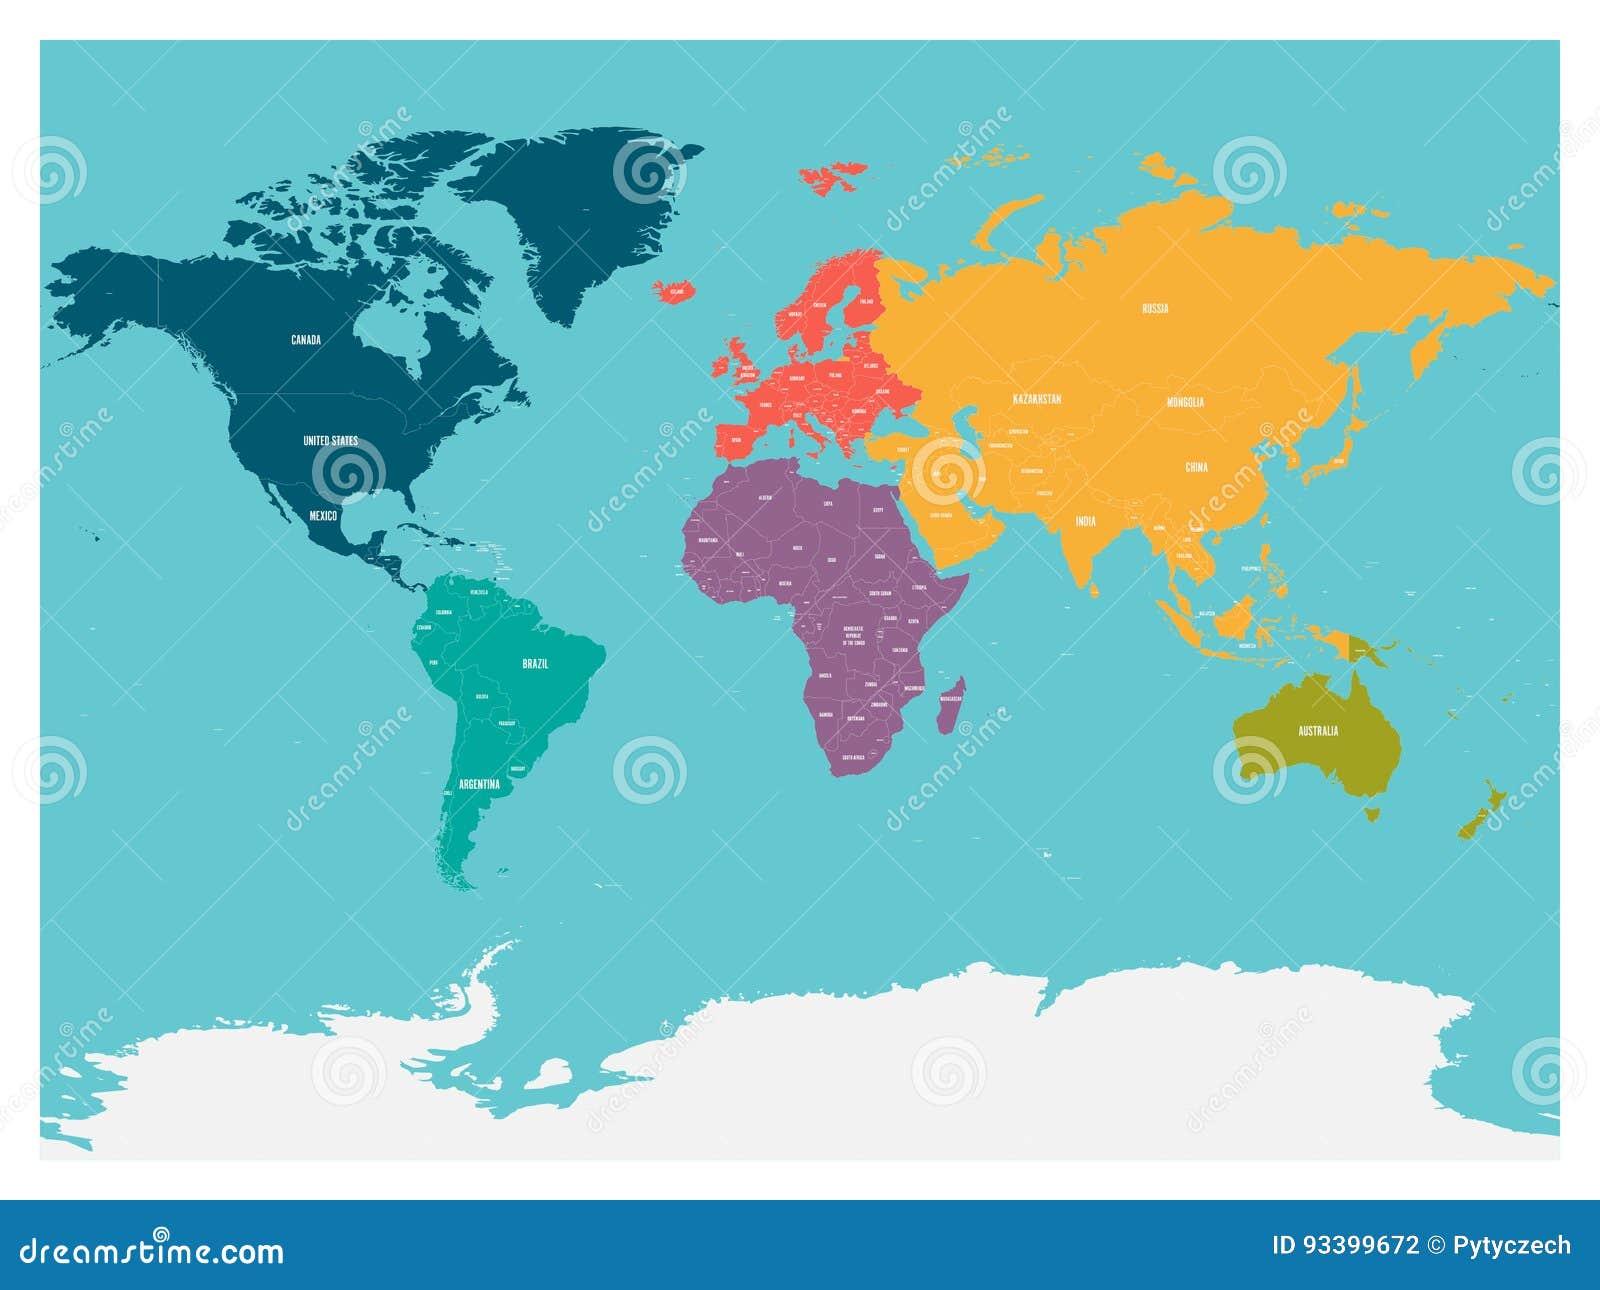 Cartina Mondo Con Nomi Stati.Mappa Politica Del Mondo Con L Antartide Continenti Nei Colori Differenti Su Fondo Blu Illustrazione Vettoriale Illustrazione Di Piano Bordo 93399672